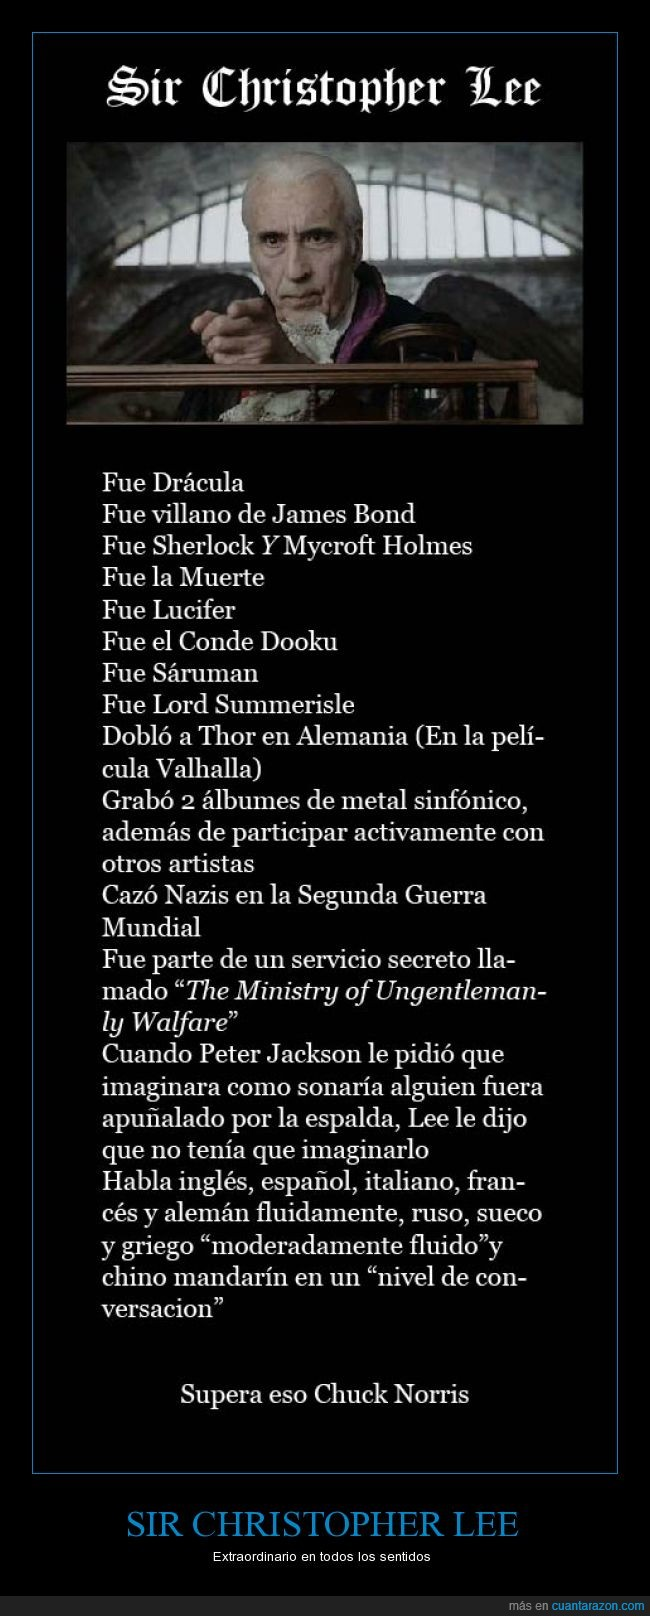 Charlemagne,Christopher Lee,Conde Dooku,Drácula,El Señor de los Anillos,Saruman,Star Wars,también fue Frankenstein,The Sword and the Cross,Tim Burton a veces